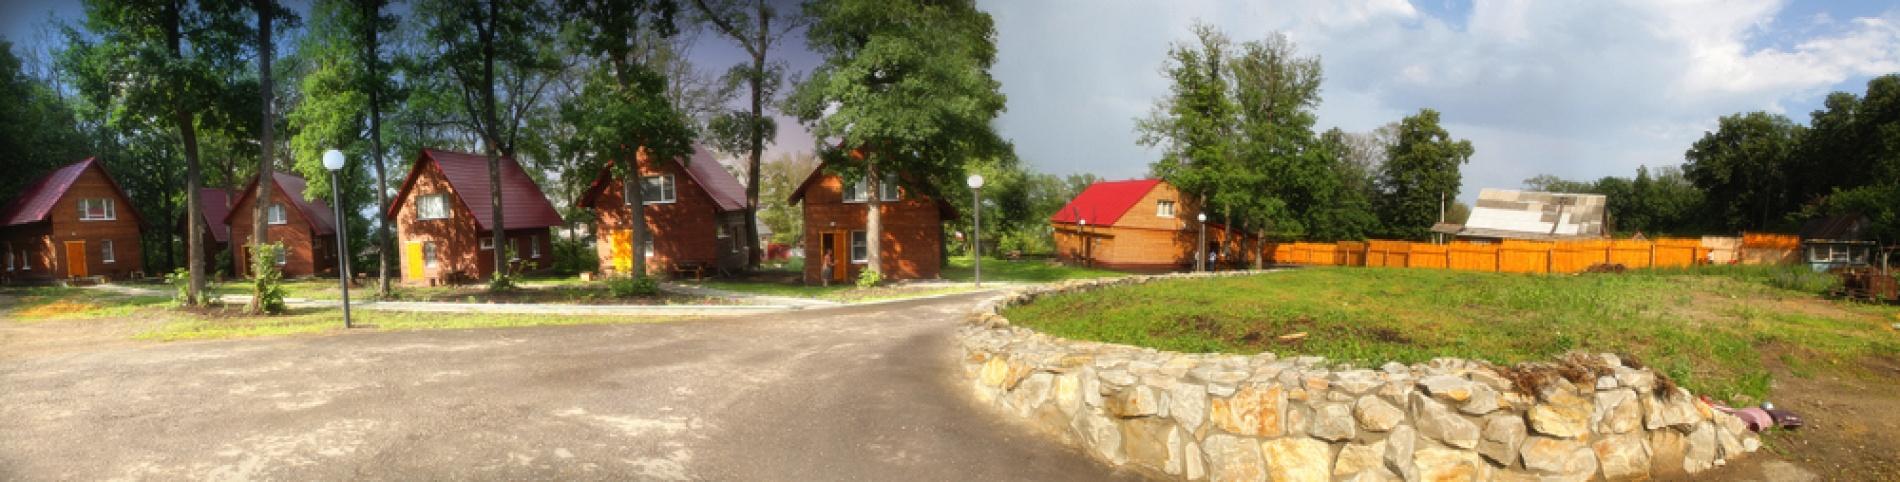 """База отдыха """"Дубрава в Пензе"""" Пензенская область, фото 2"""